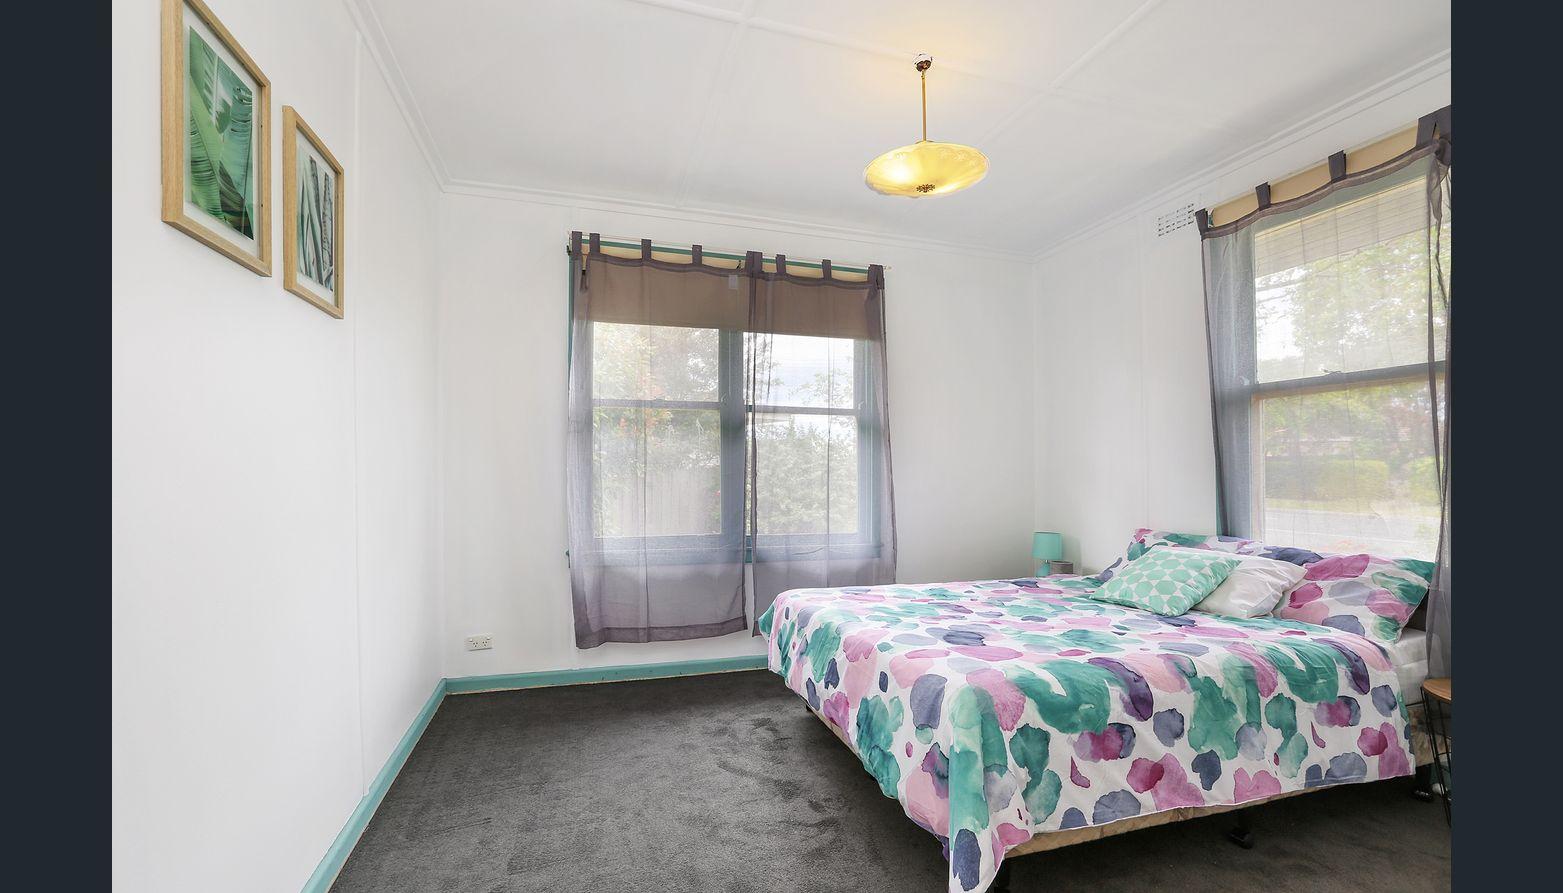 7928256__1592196729-26084-bedroom1